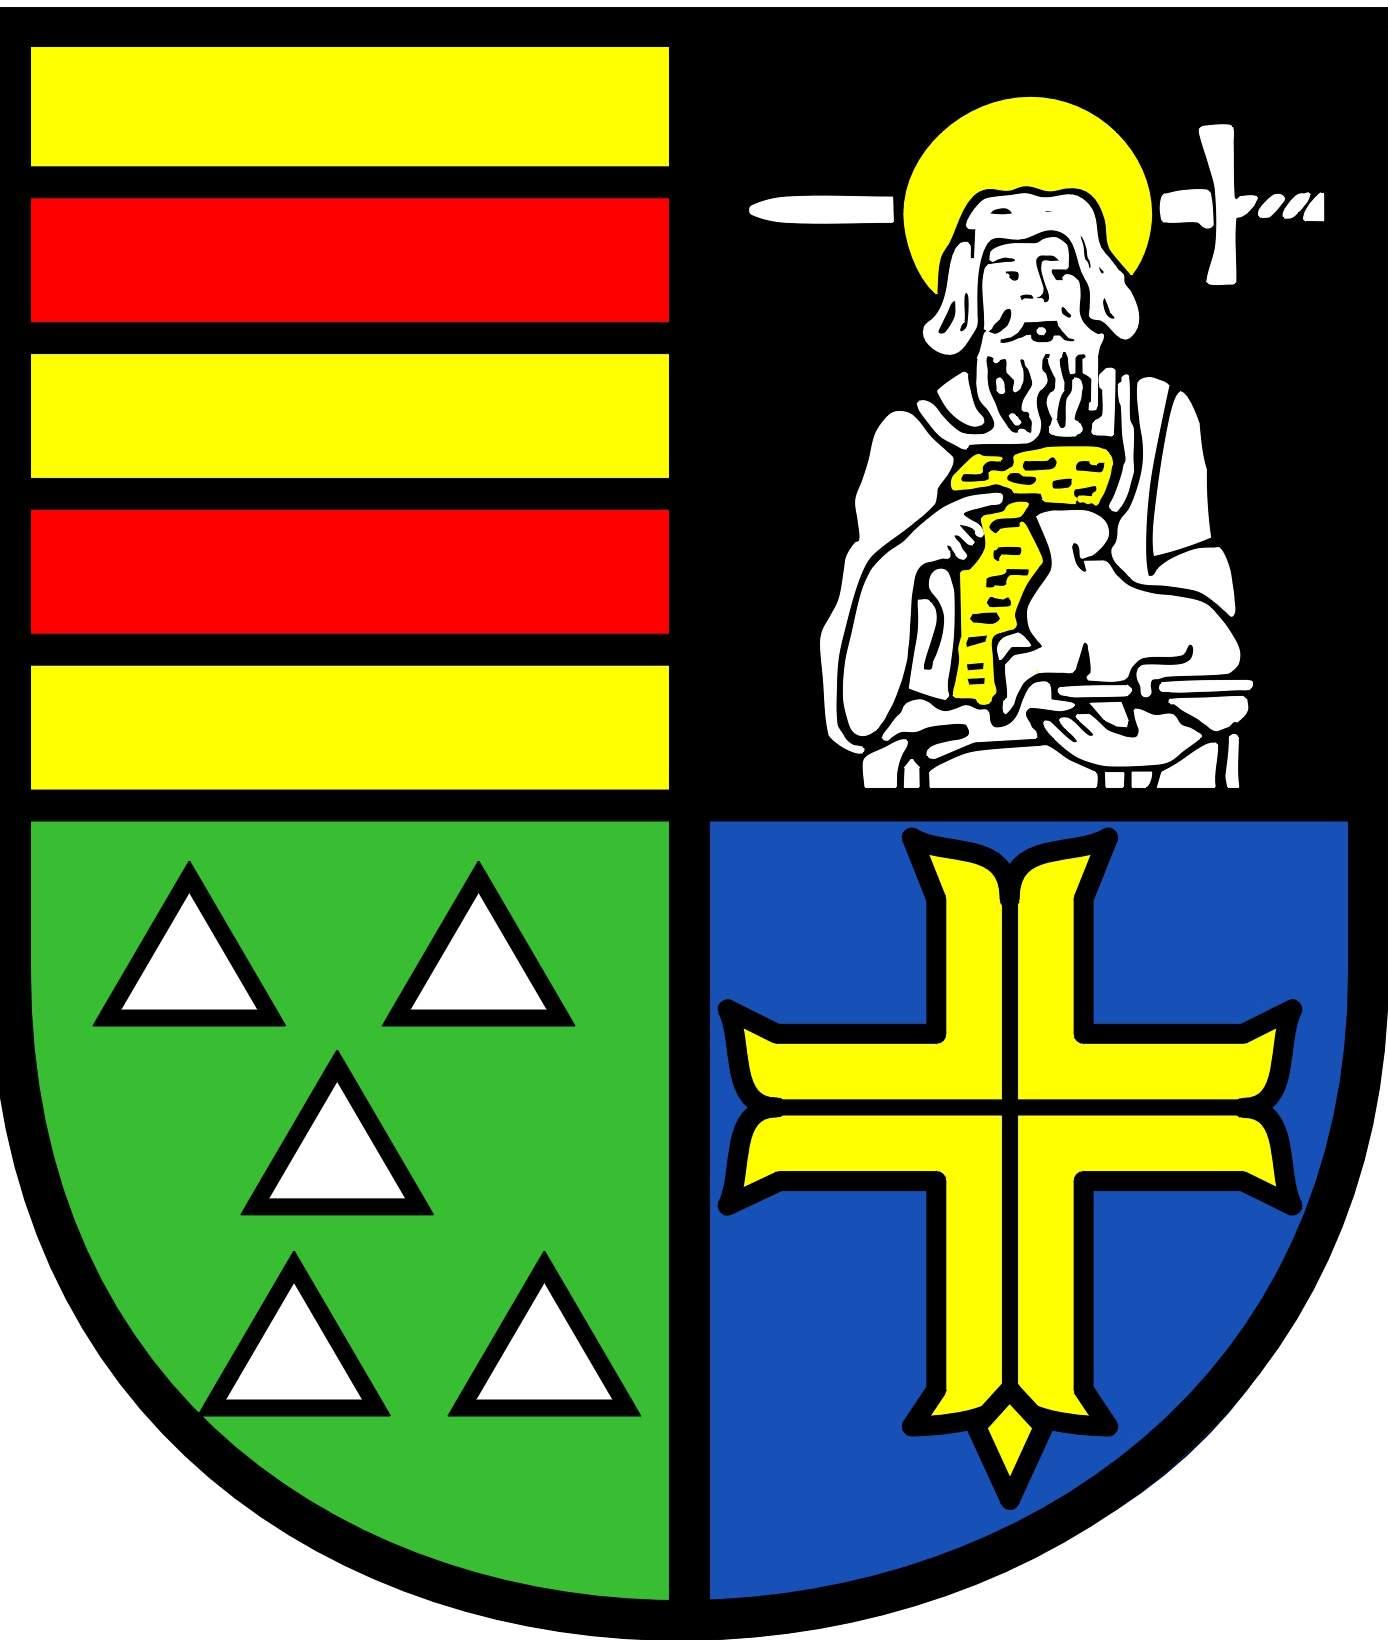 Wappen von Steinfeld Vechta